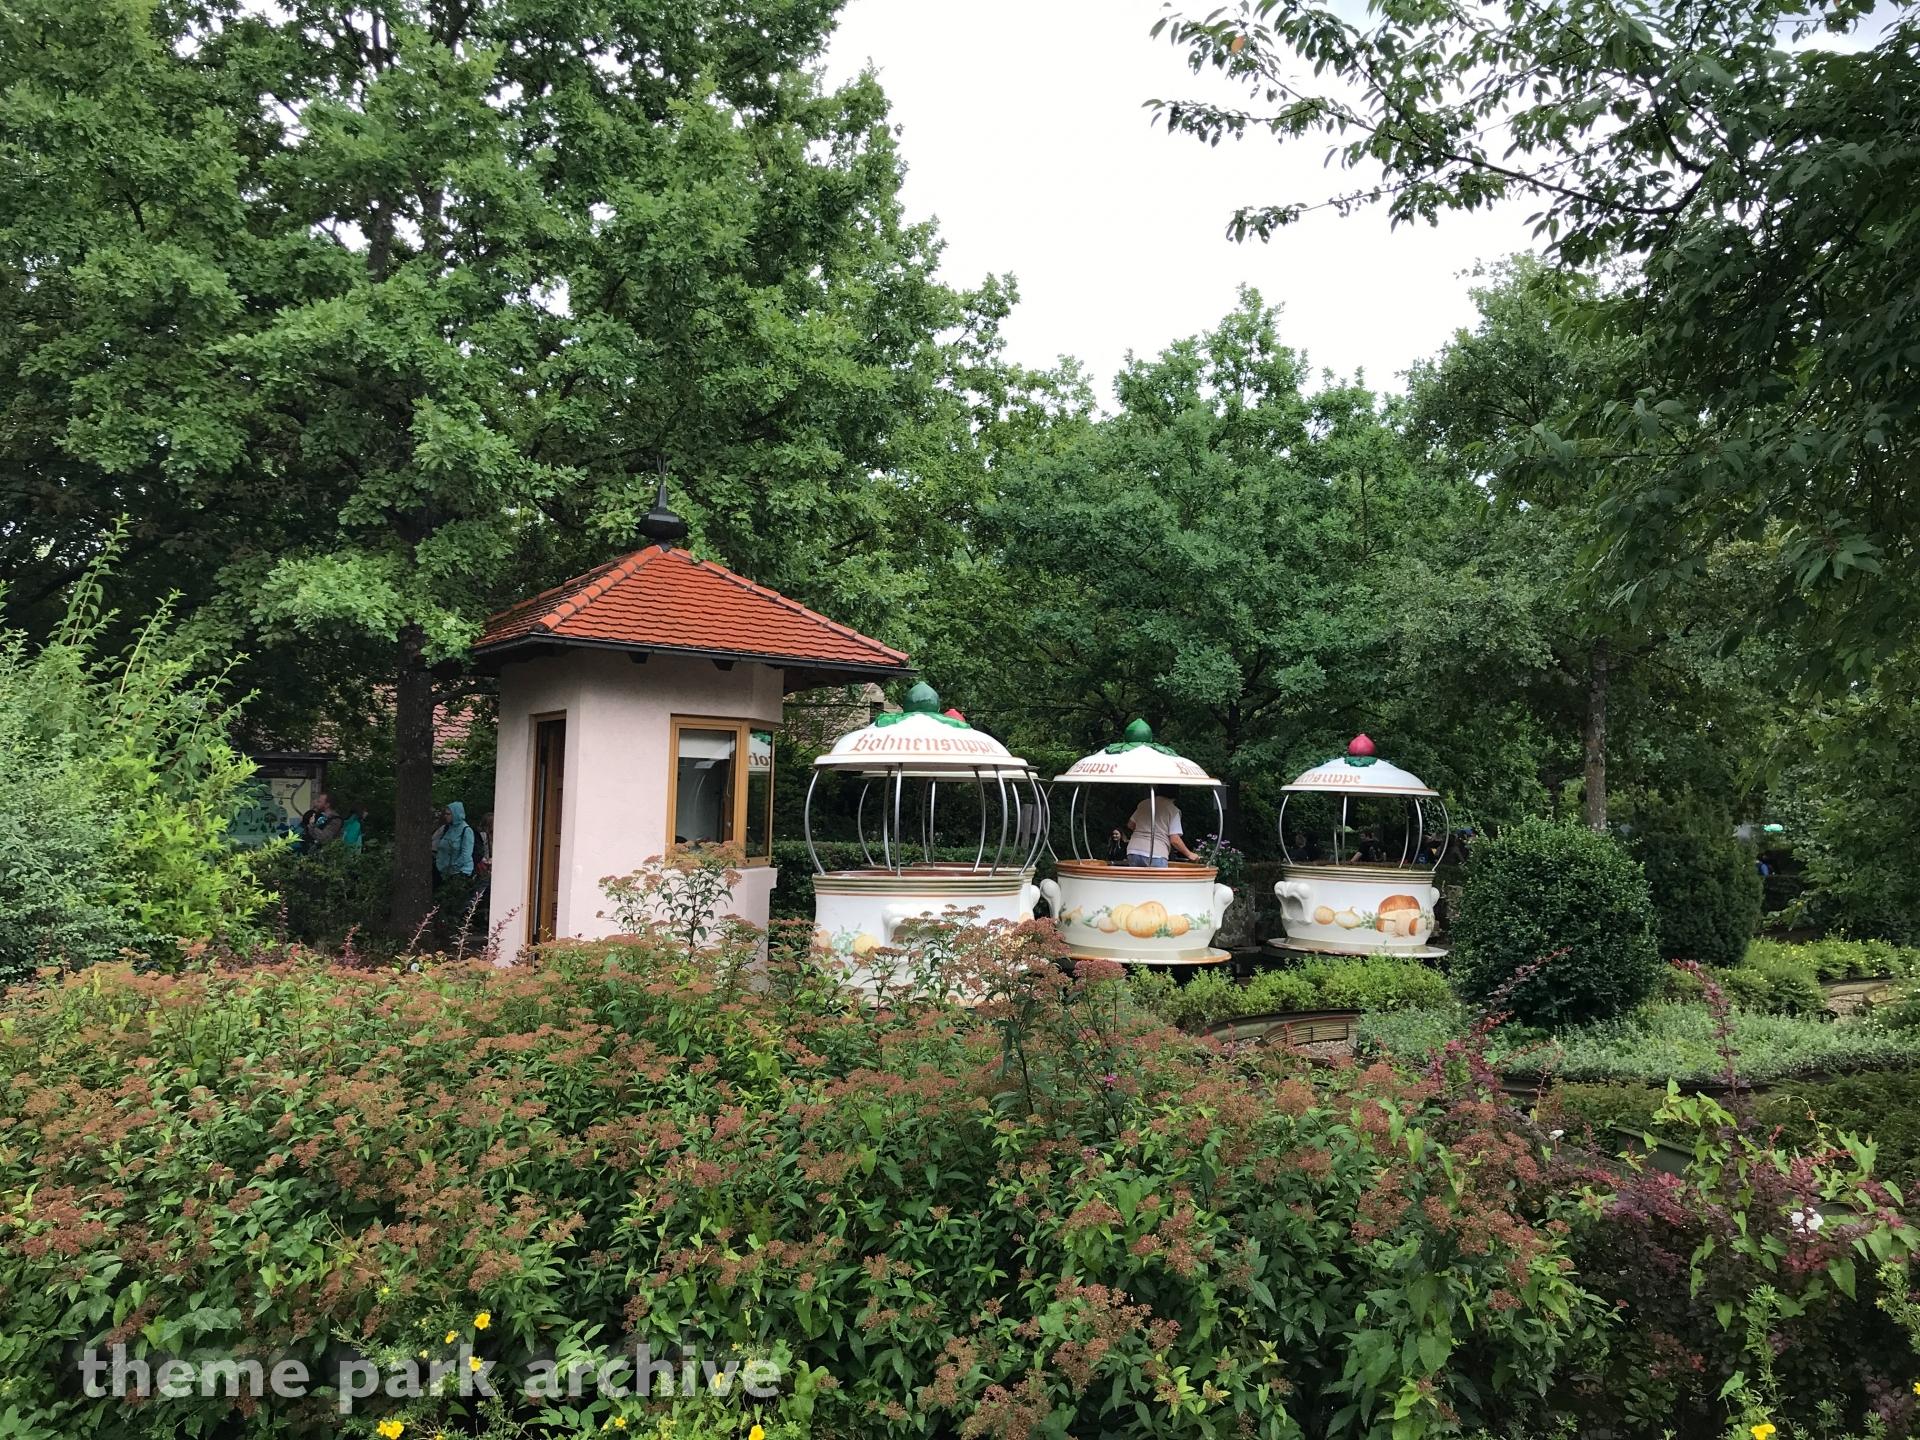 Suppenschusselfahrt at Erlebnispark Tripsdrill